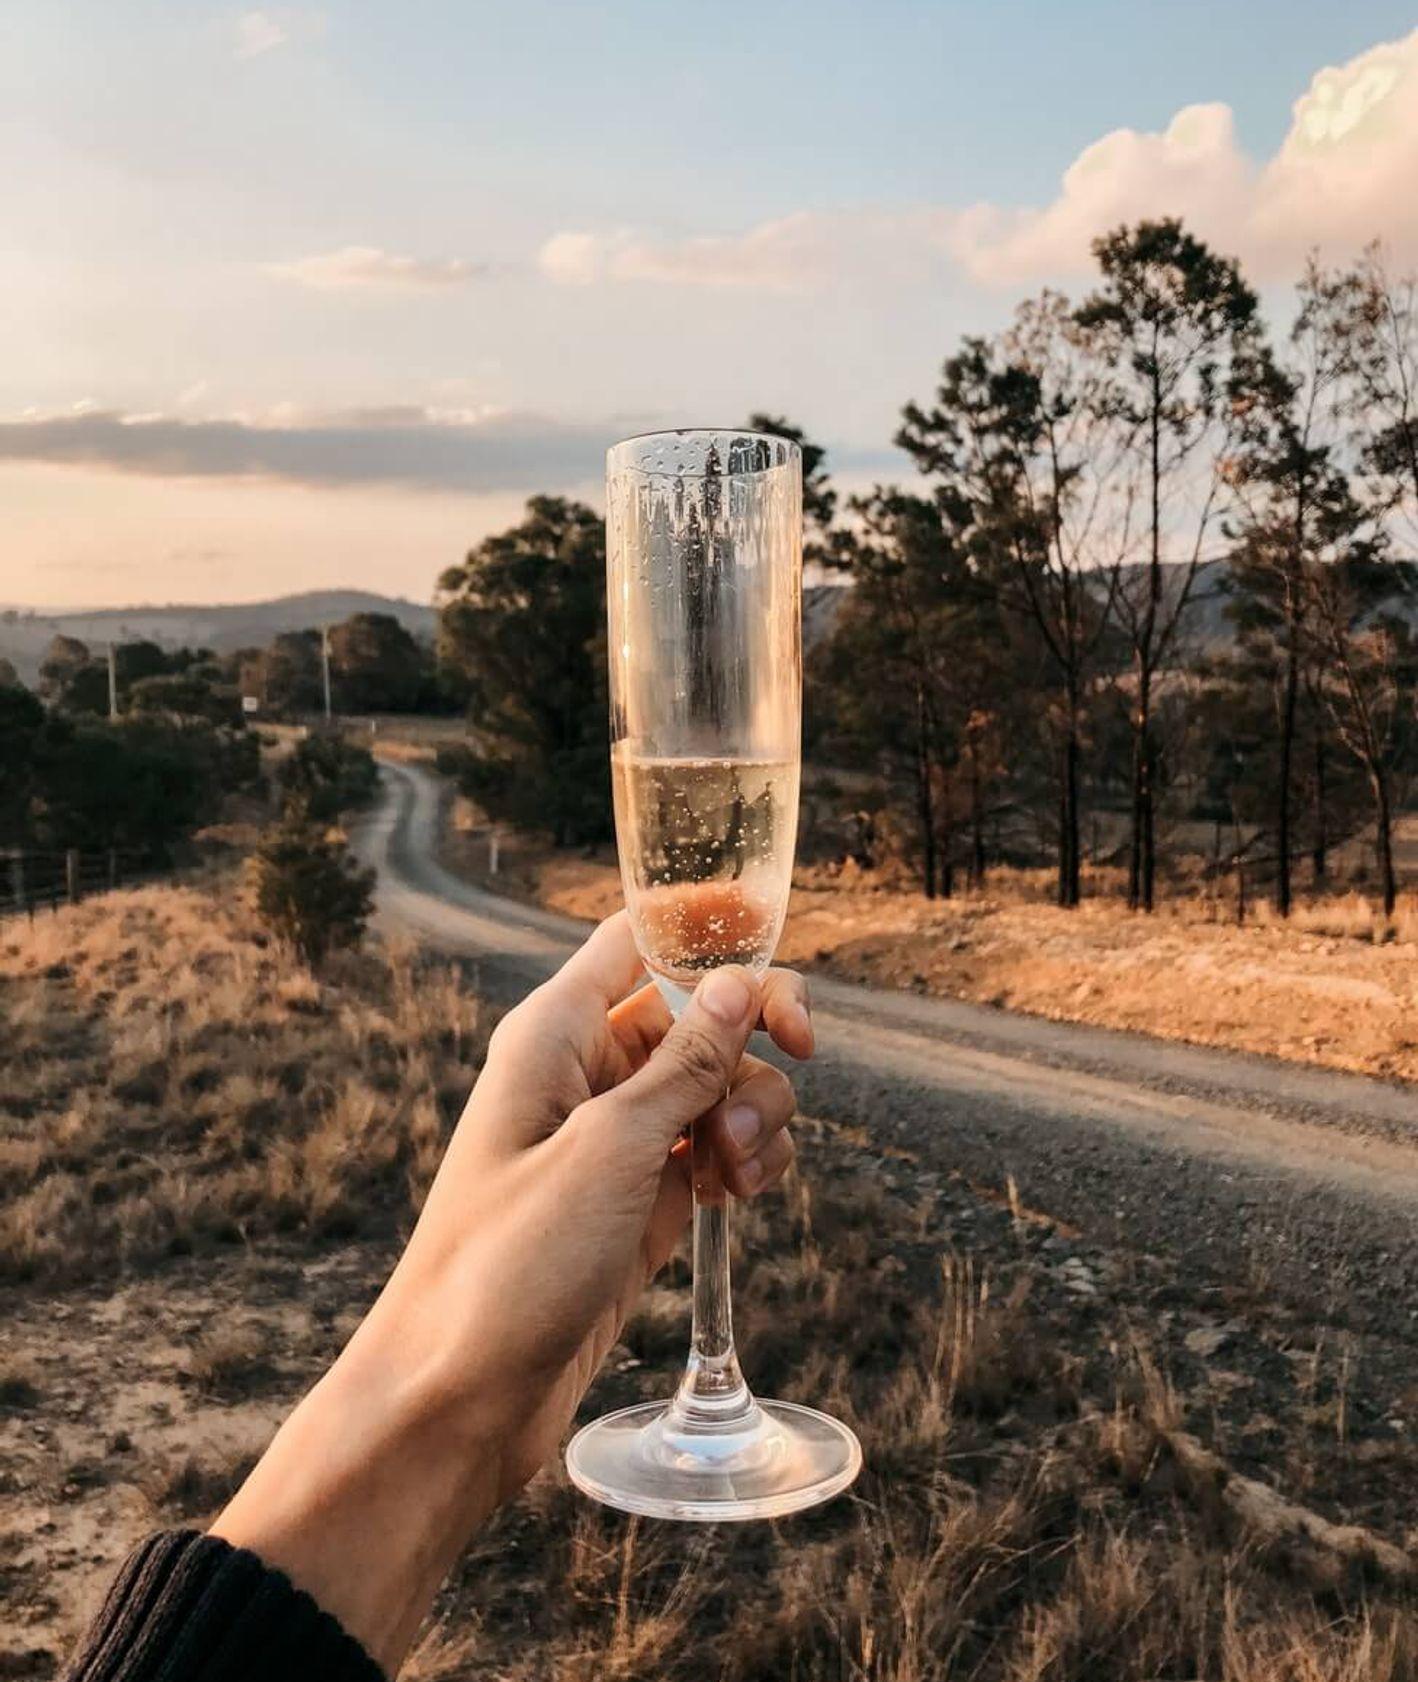 prosecco, cava i inne wino musujące (fot. Clarinta Subrata)